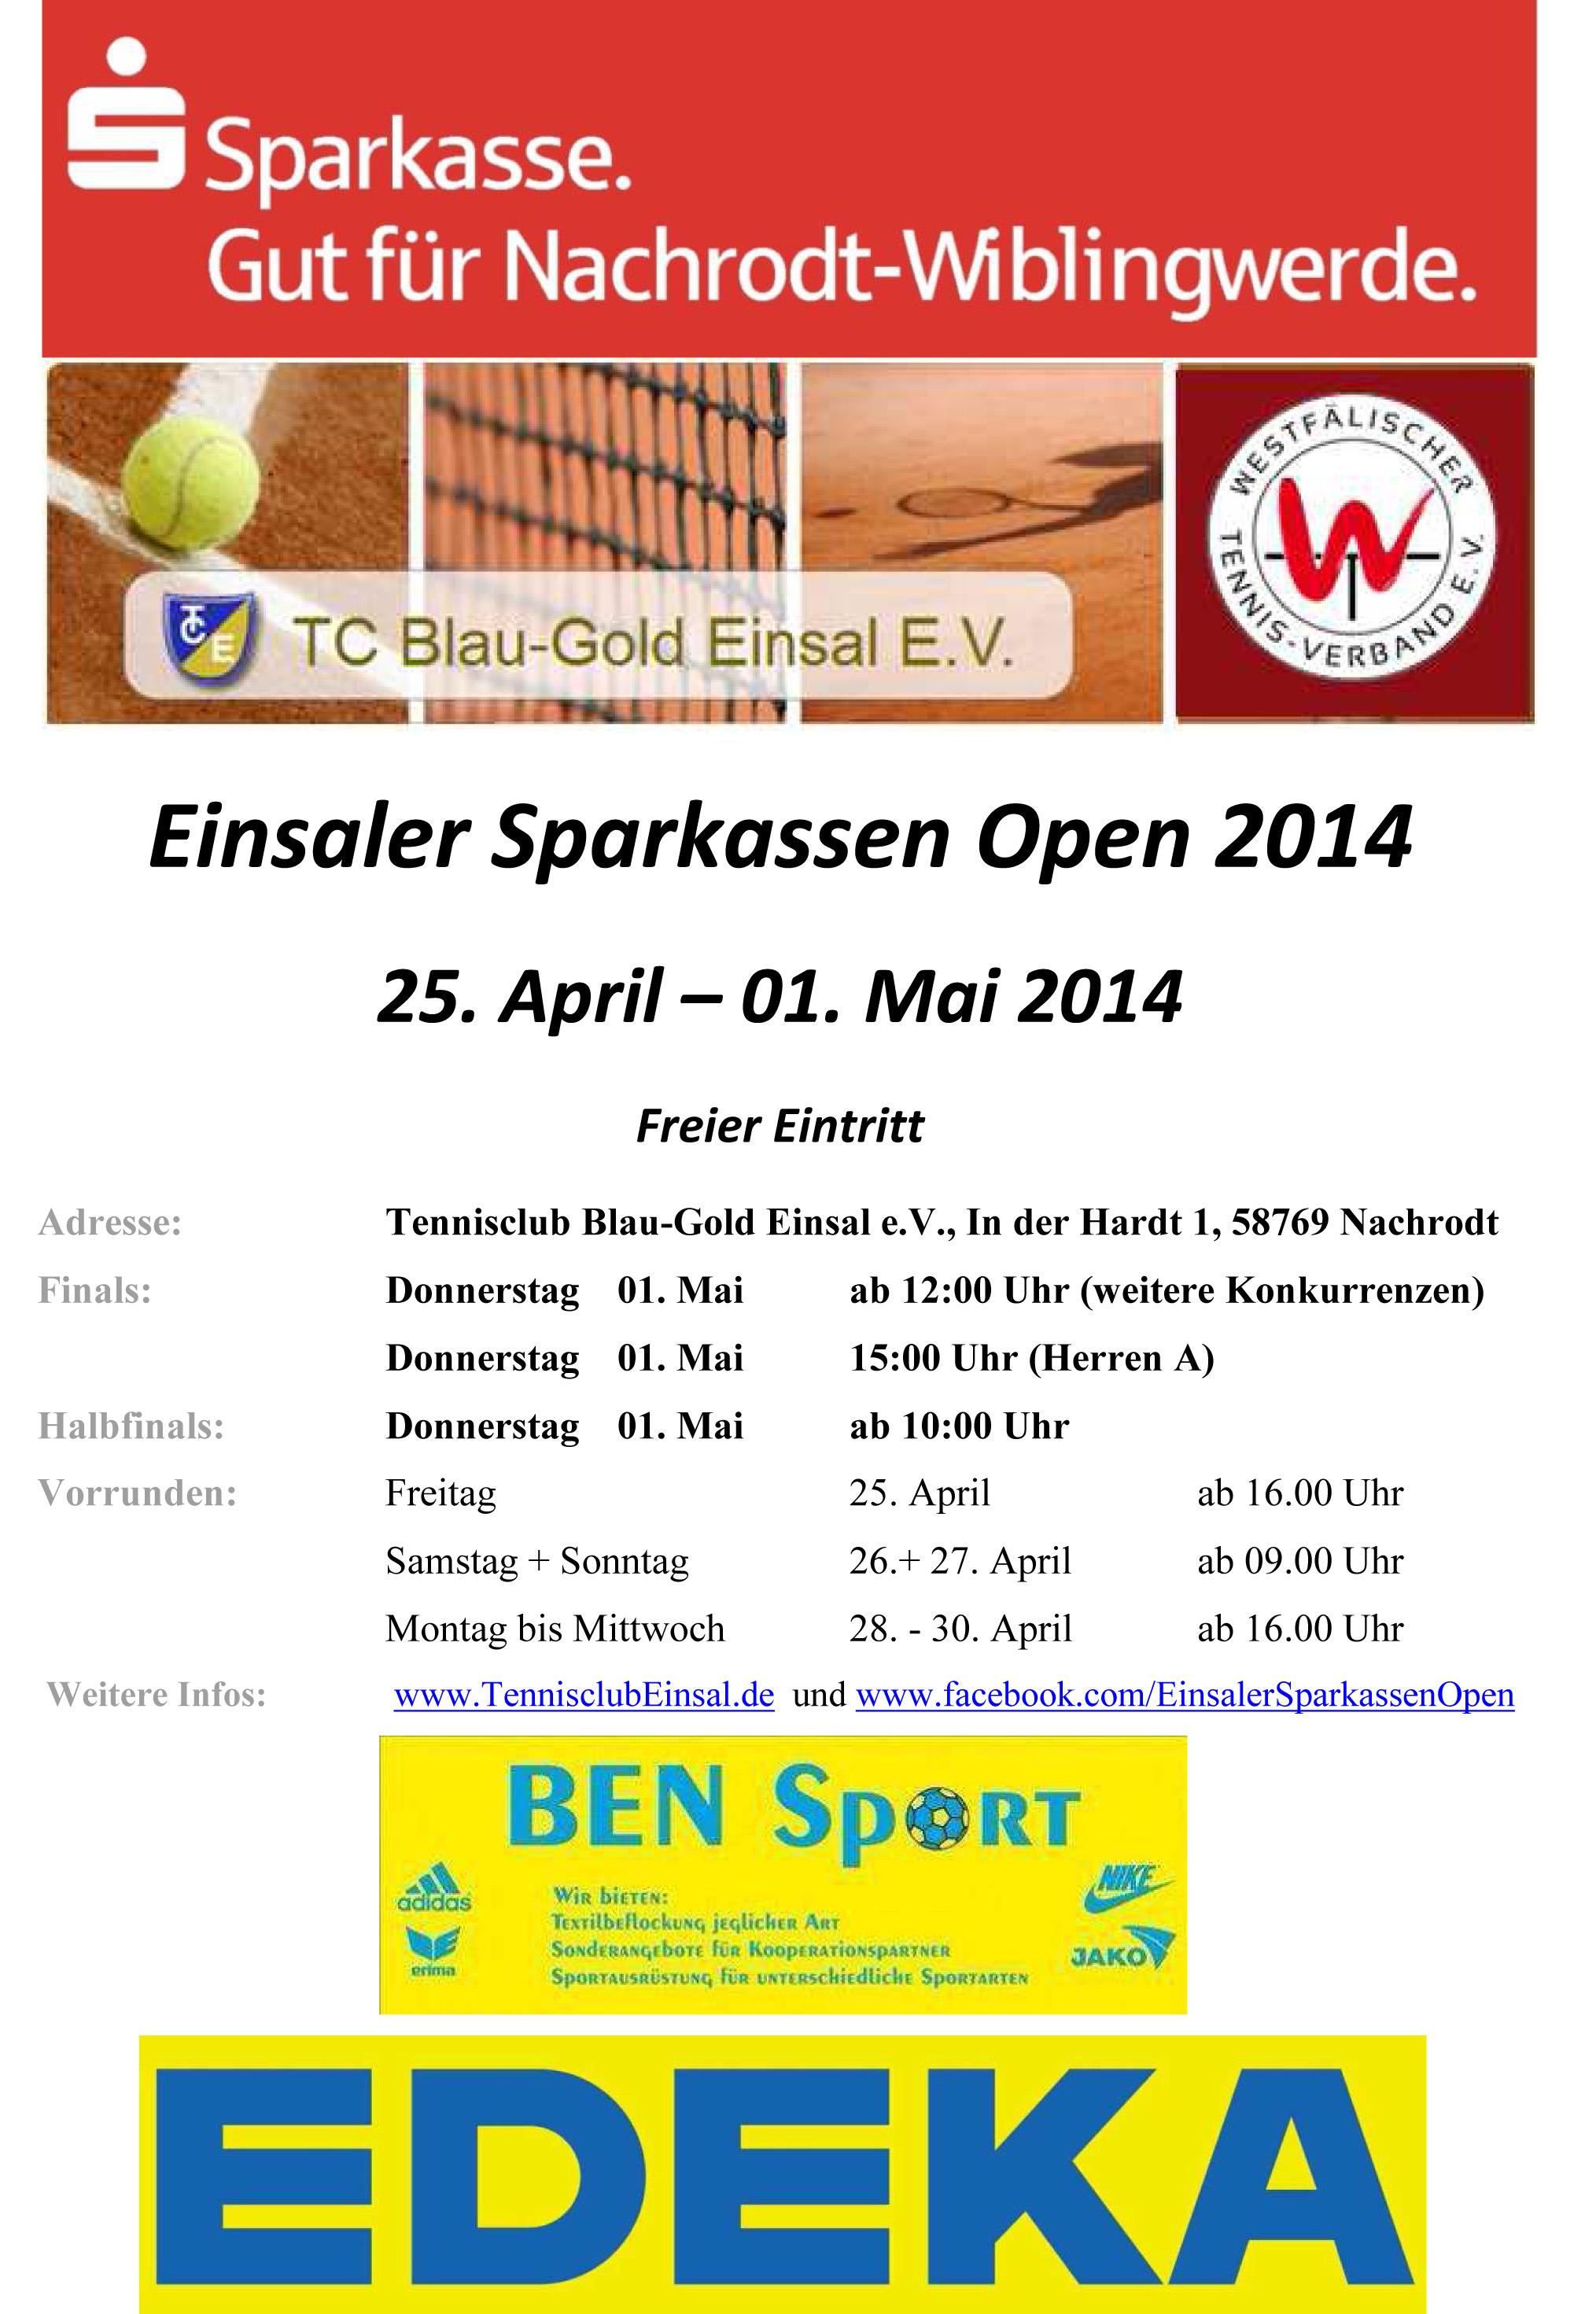 Einsaler Sparkassen Open 2014